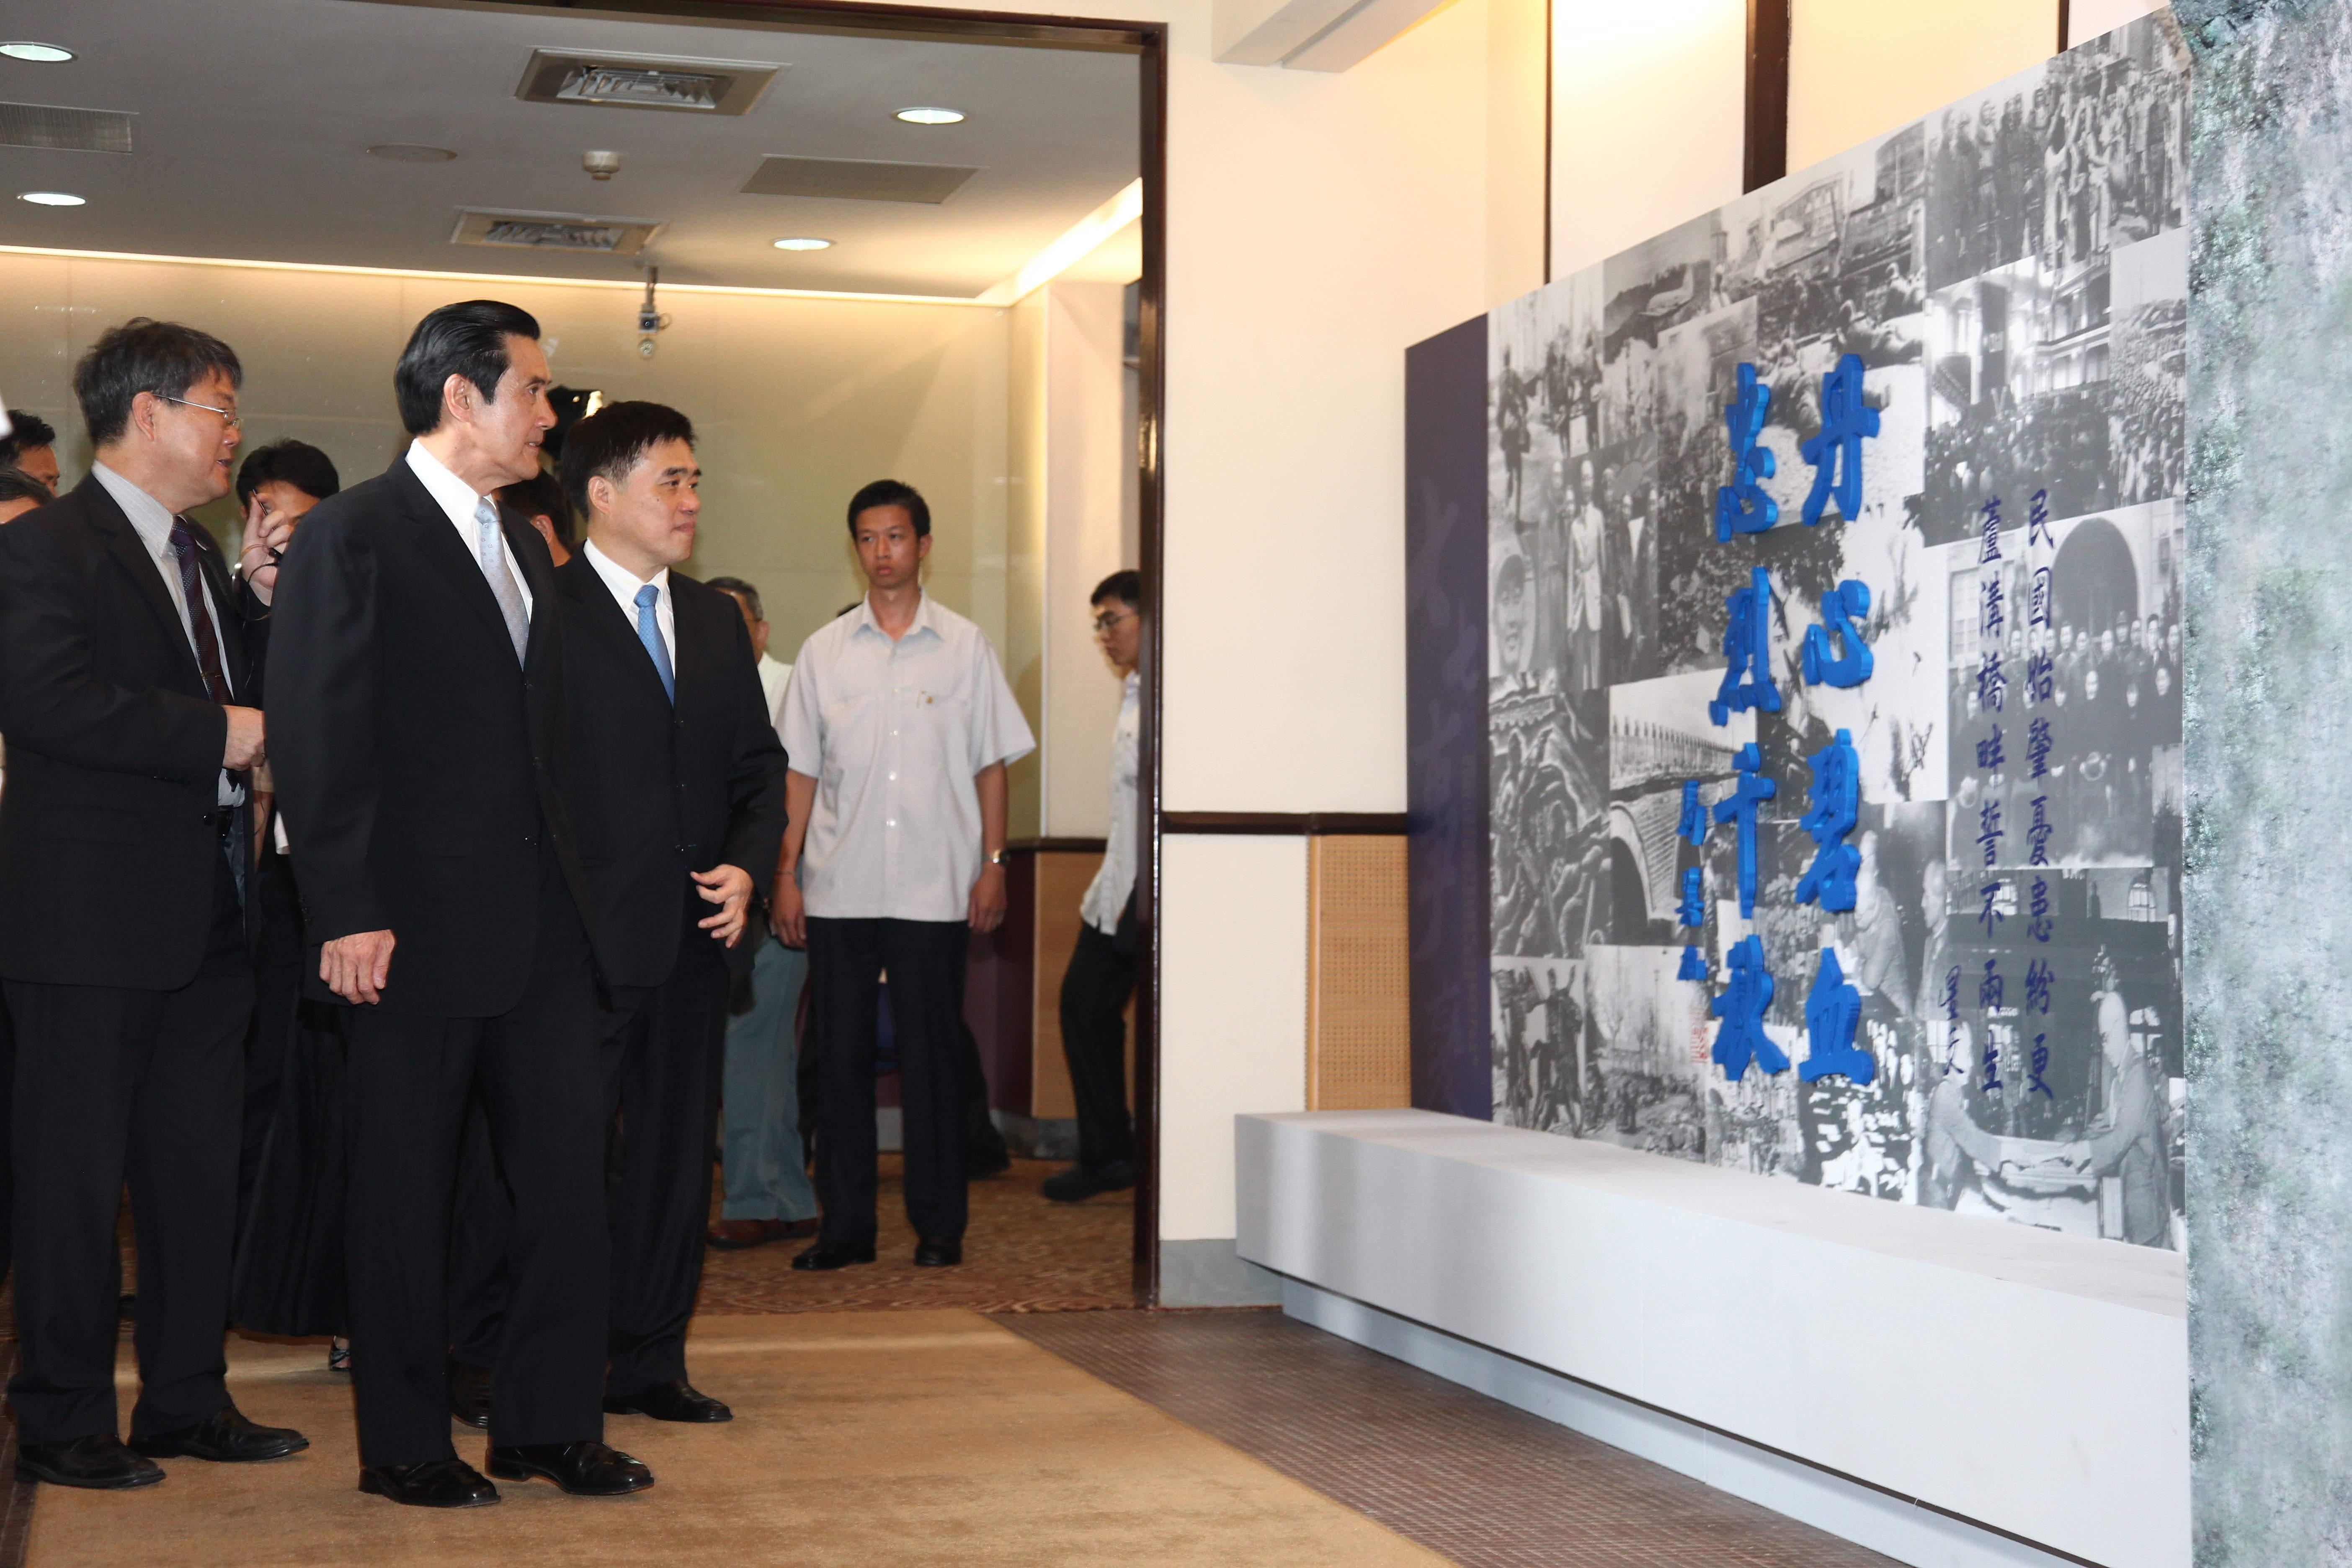 圖表:馬總統、郝市長參觀展覽,由中研院近史所張力研究員(左一)導覽解說